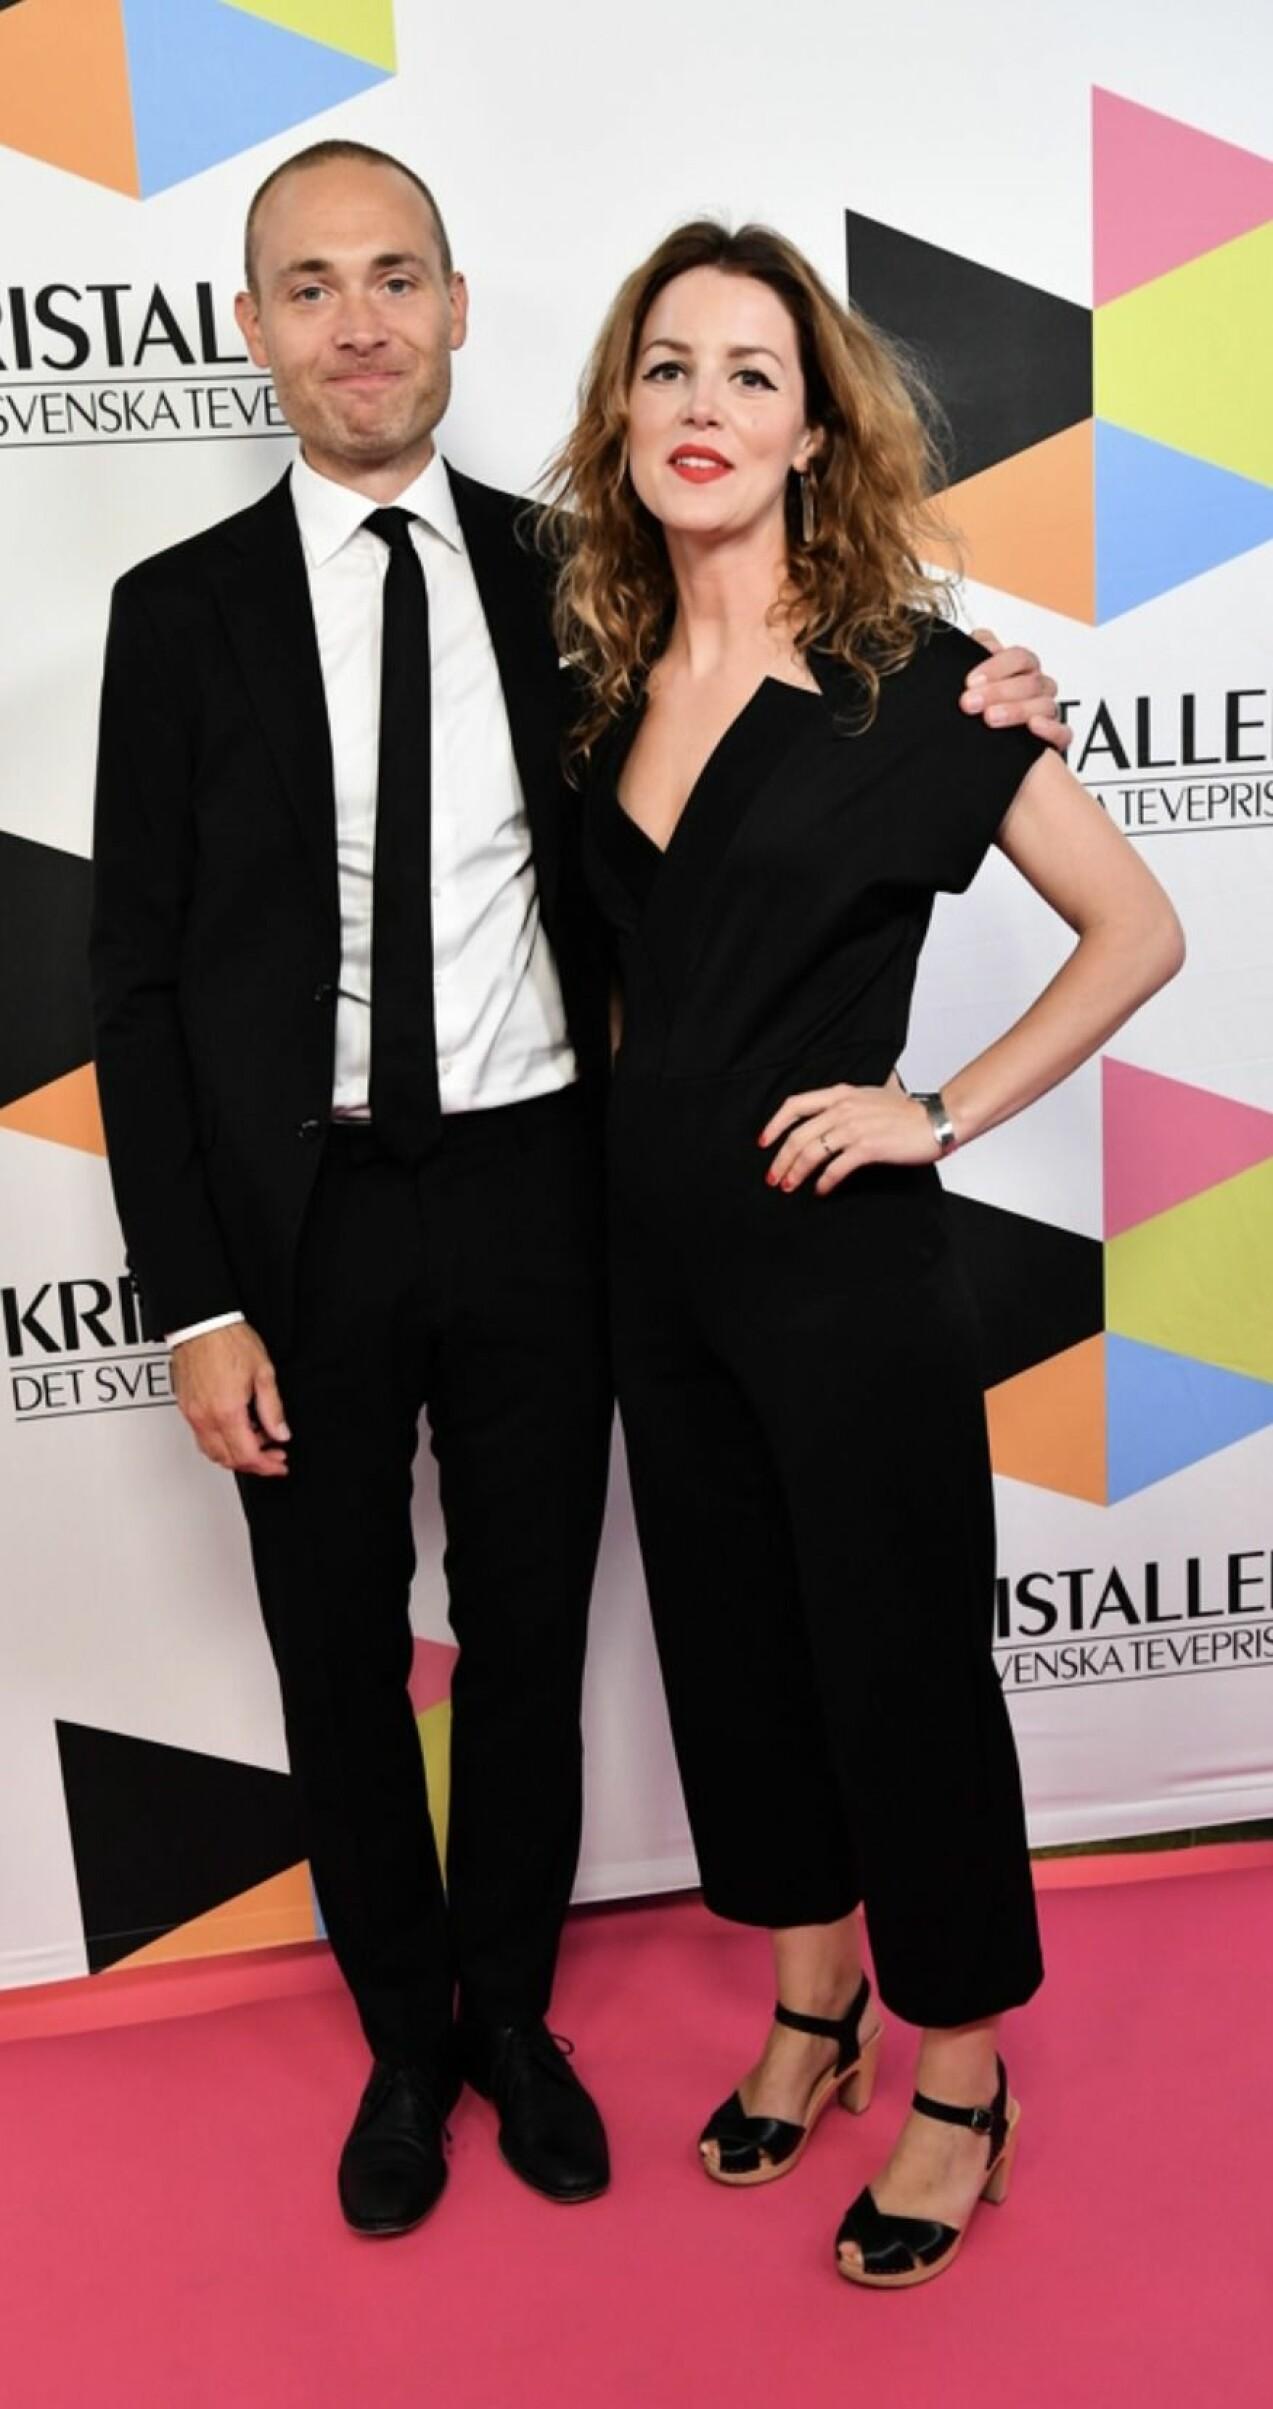 Jesper Rönndahl tillsammans med frun Marie Agerhäll på röda mattan.